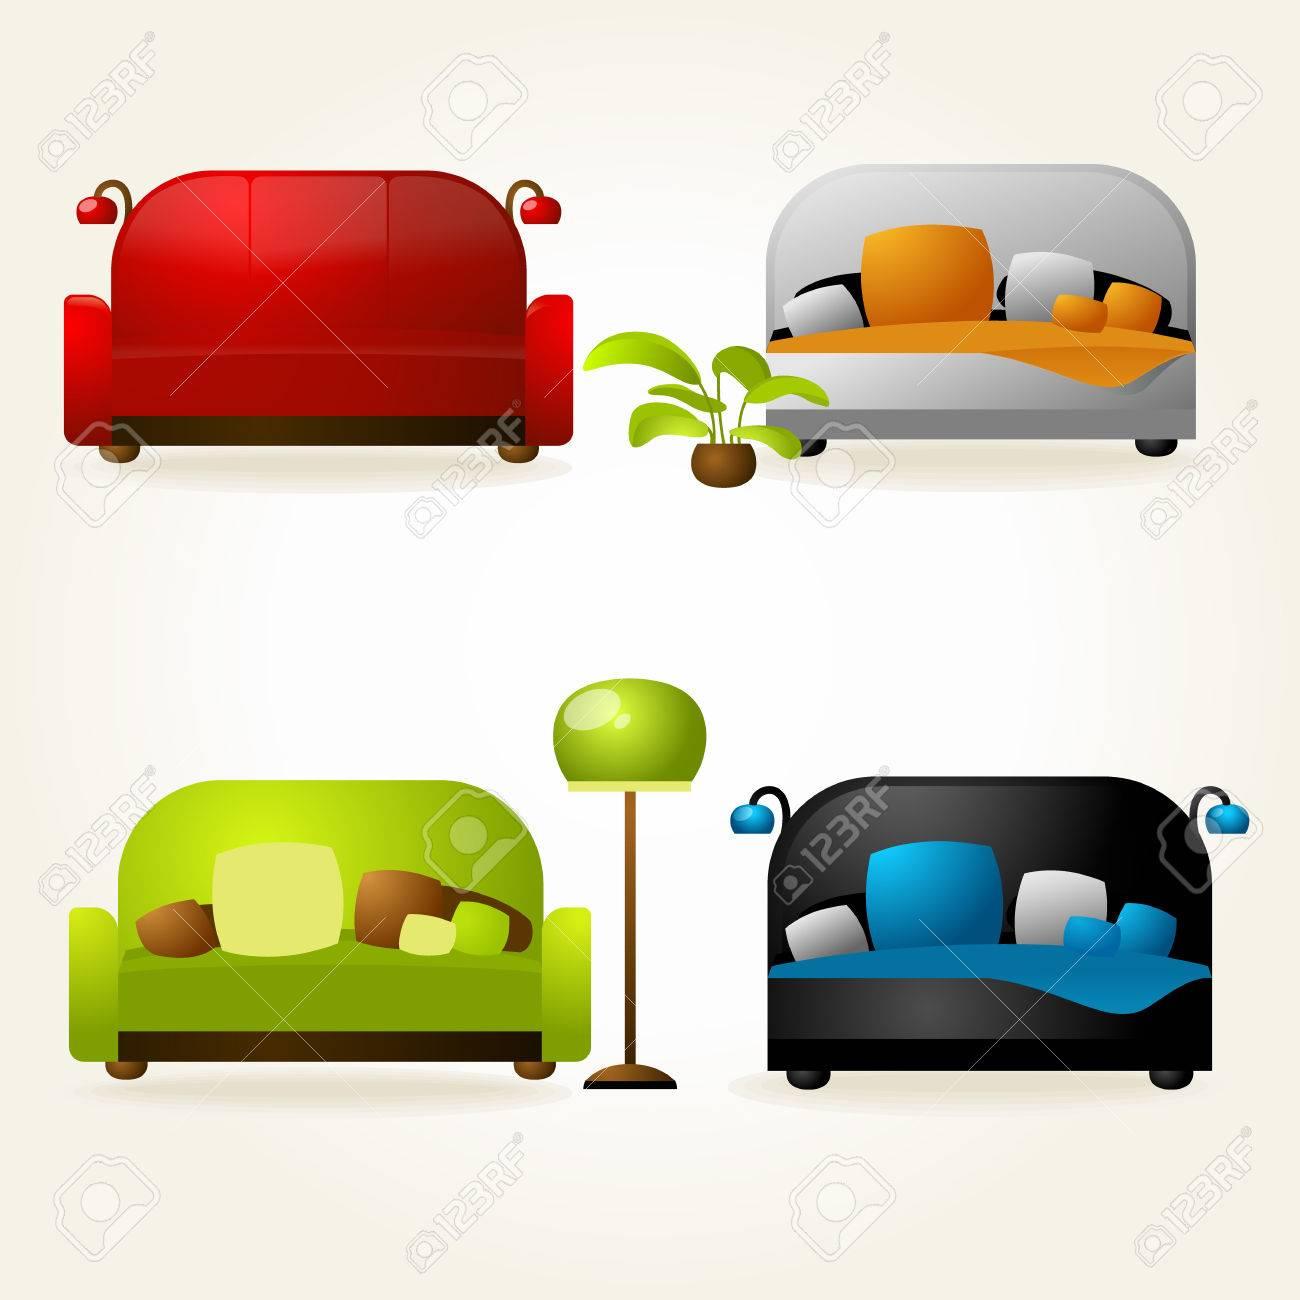 Hausmobel Und Buro Sofas Und Betten Vector Lizenzfrei Nutzbare